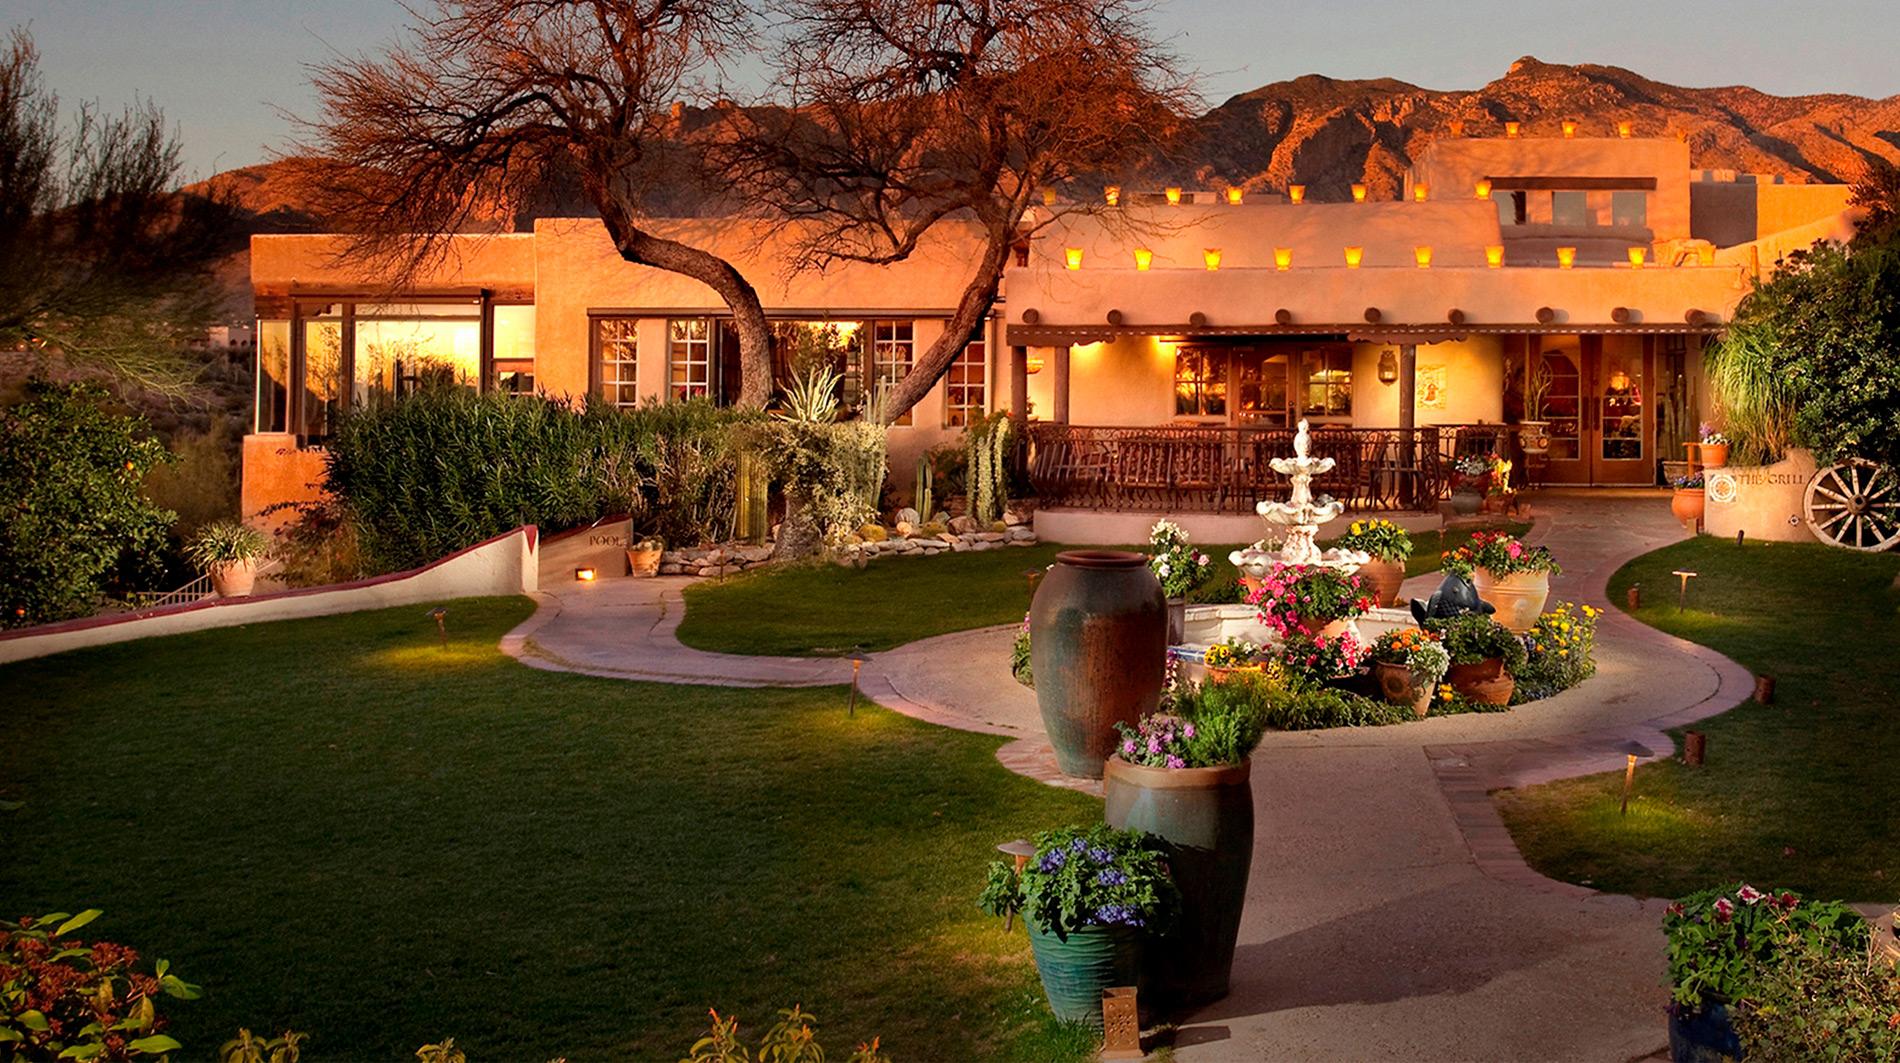 El Conquistador Tucson, A Hilton Resort - Tucson Hotels